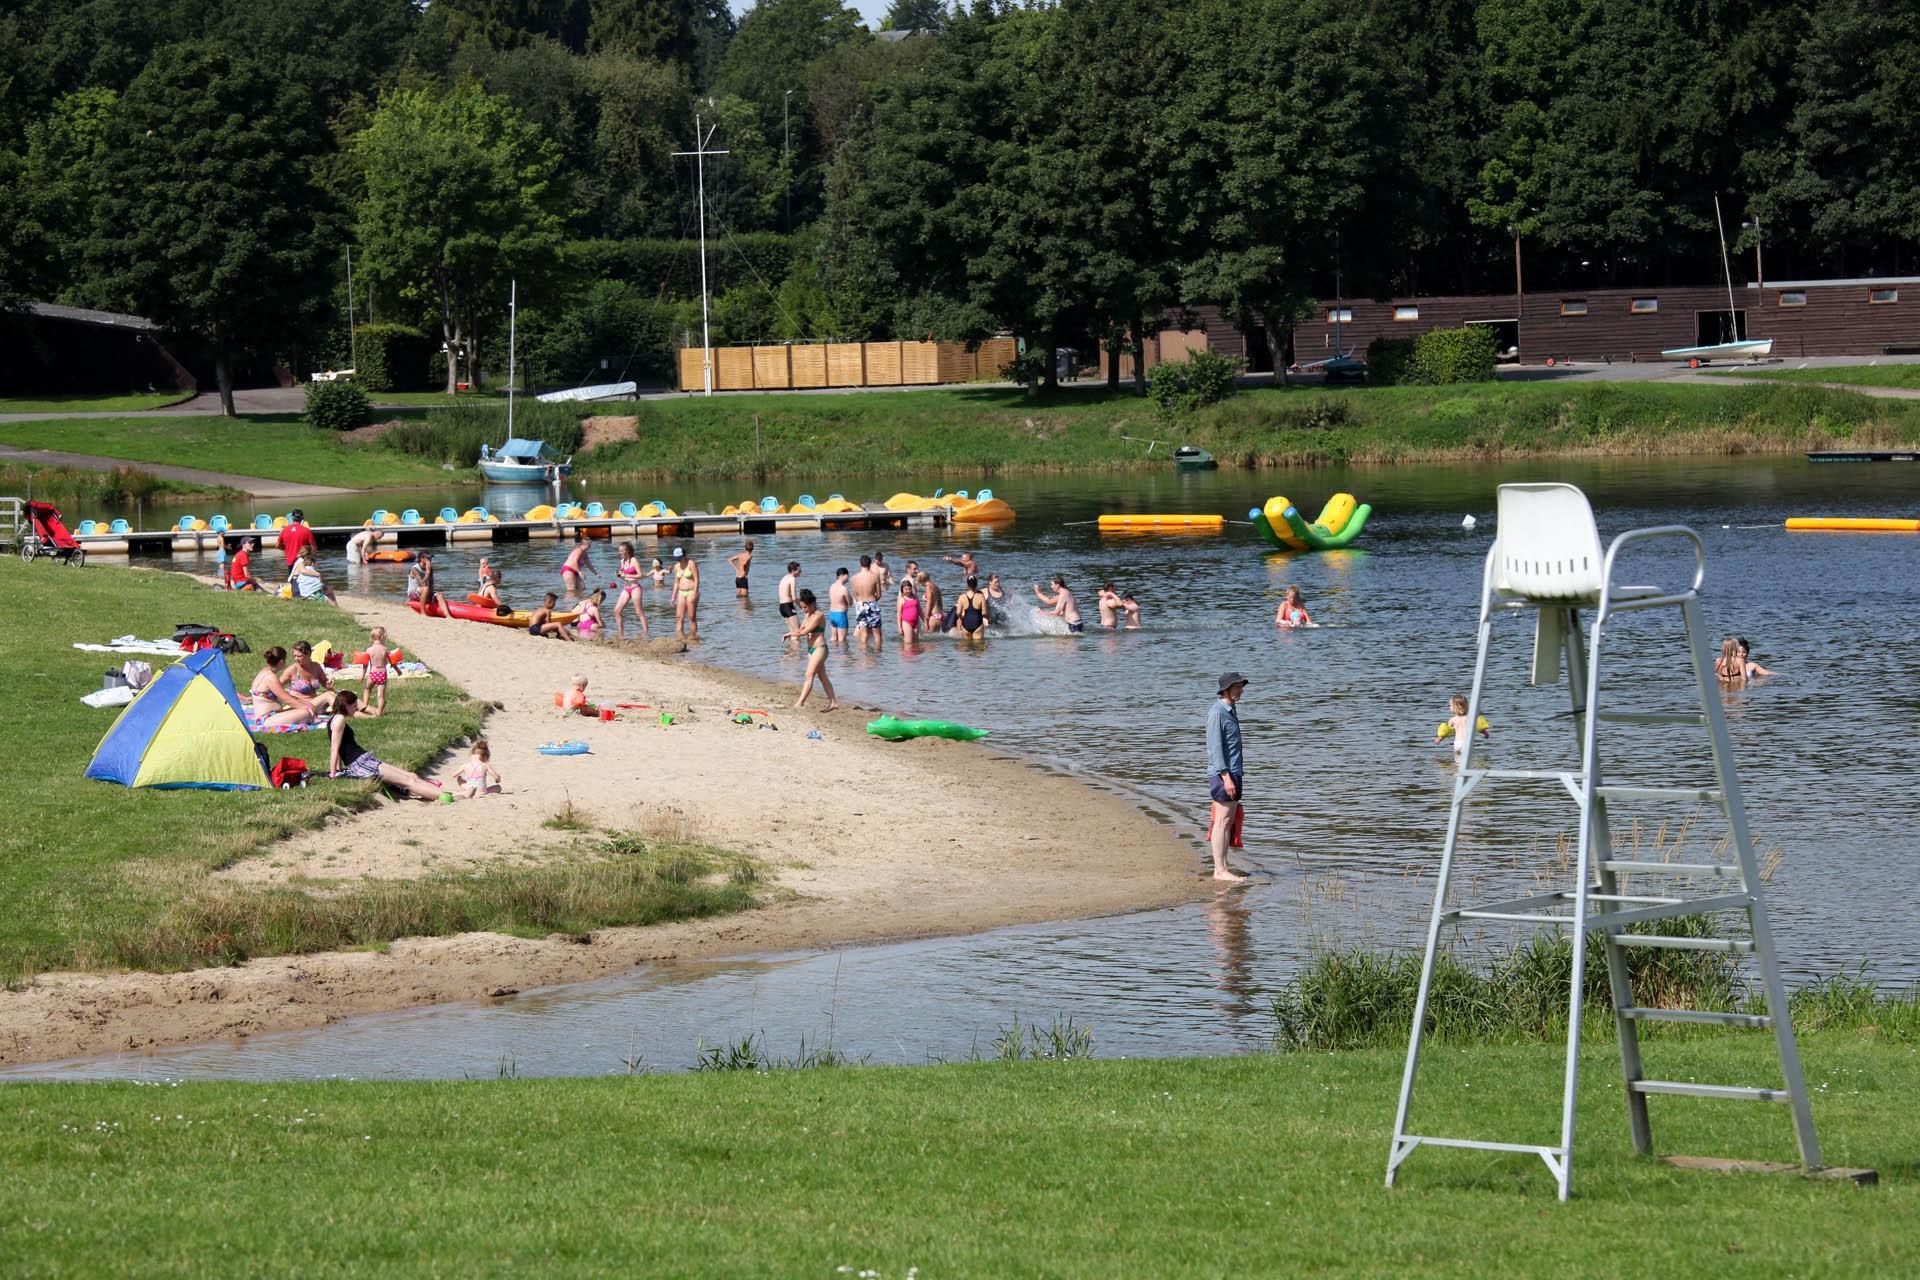 Lieux de baignade extérieur - Espace Worriken - Lac de Bütgenbach